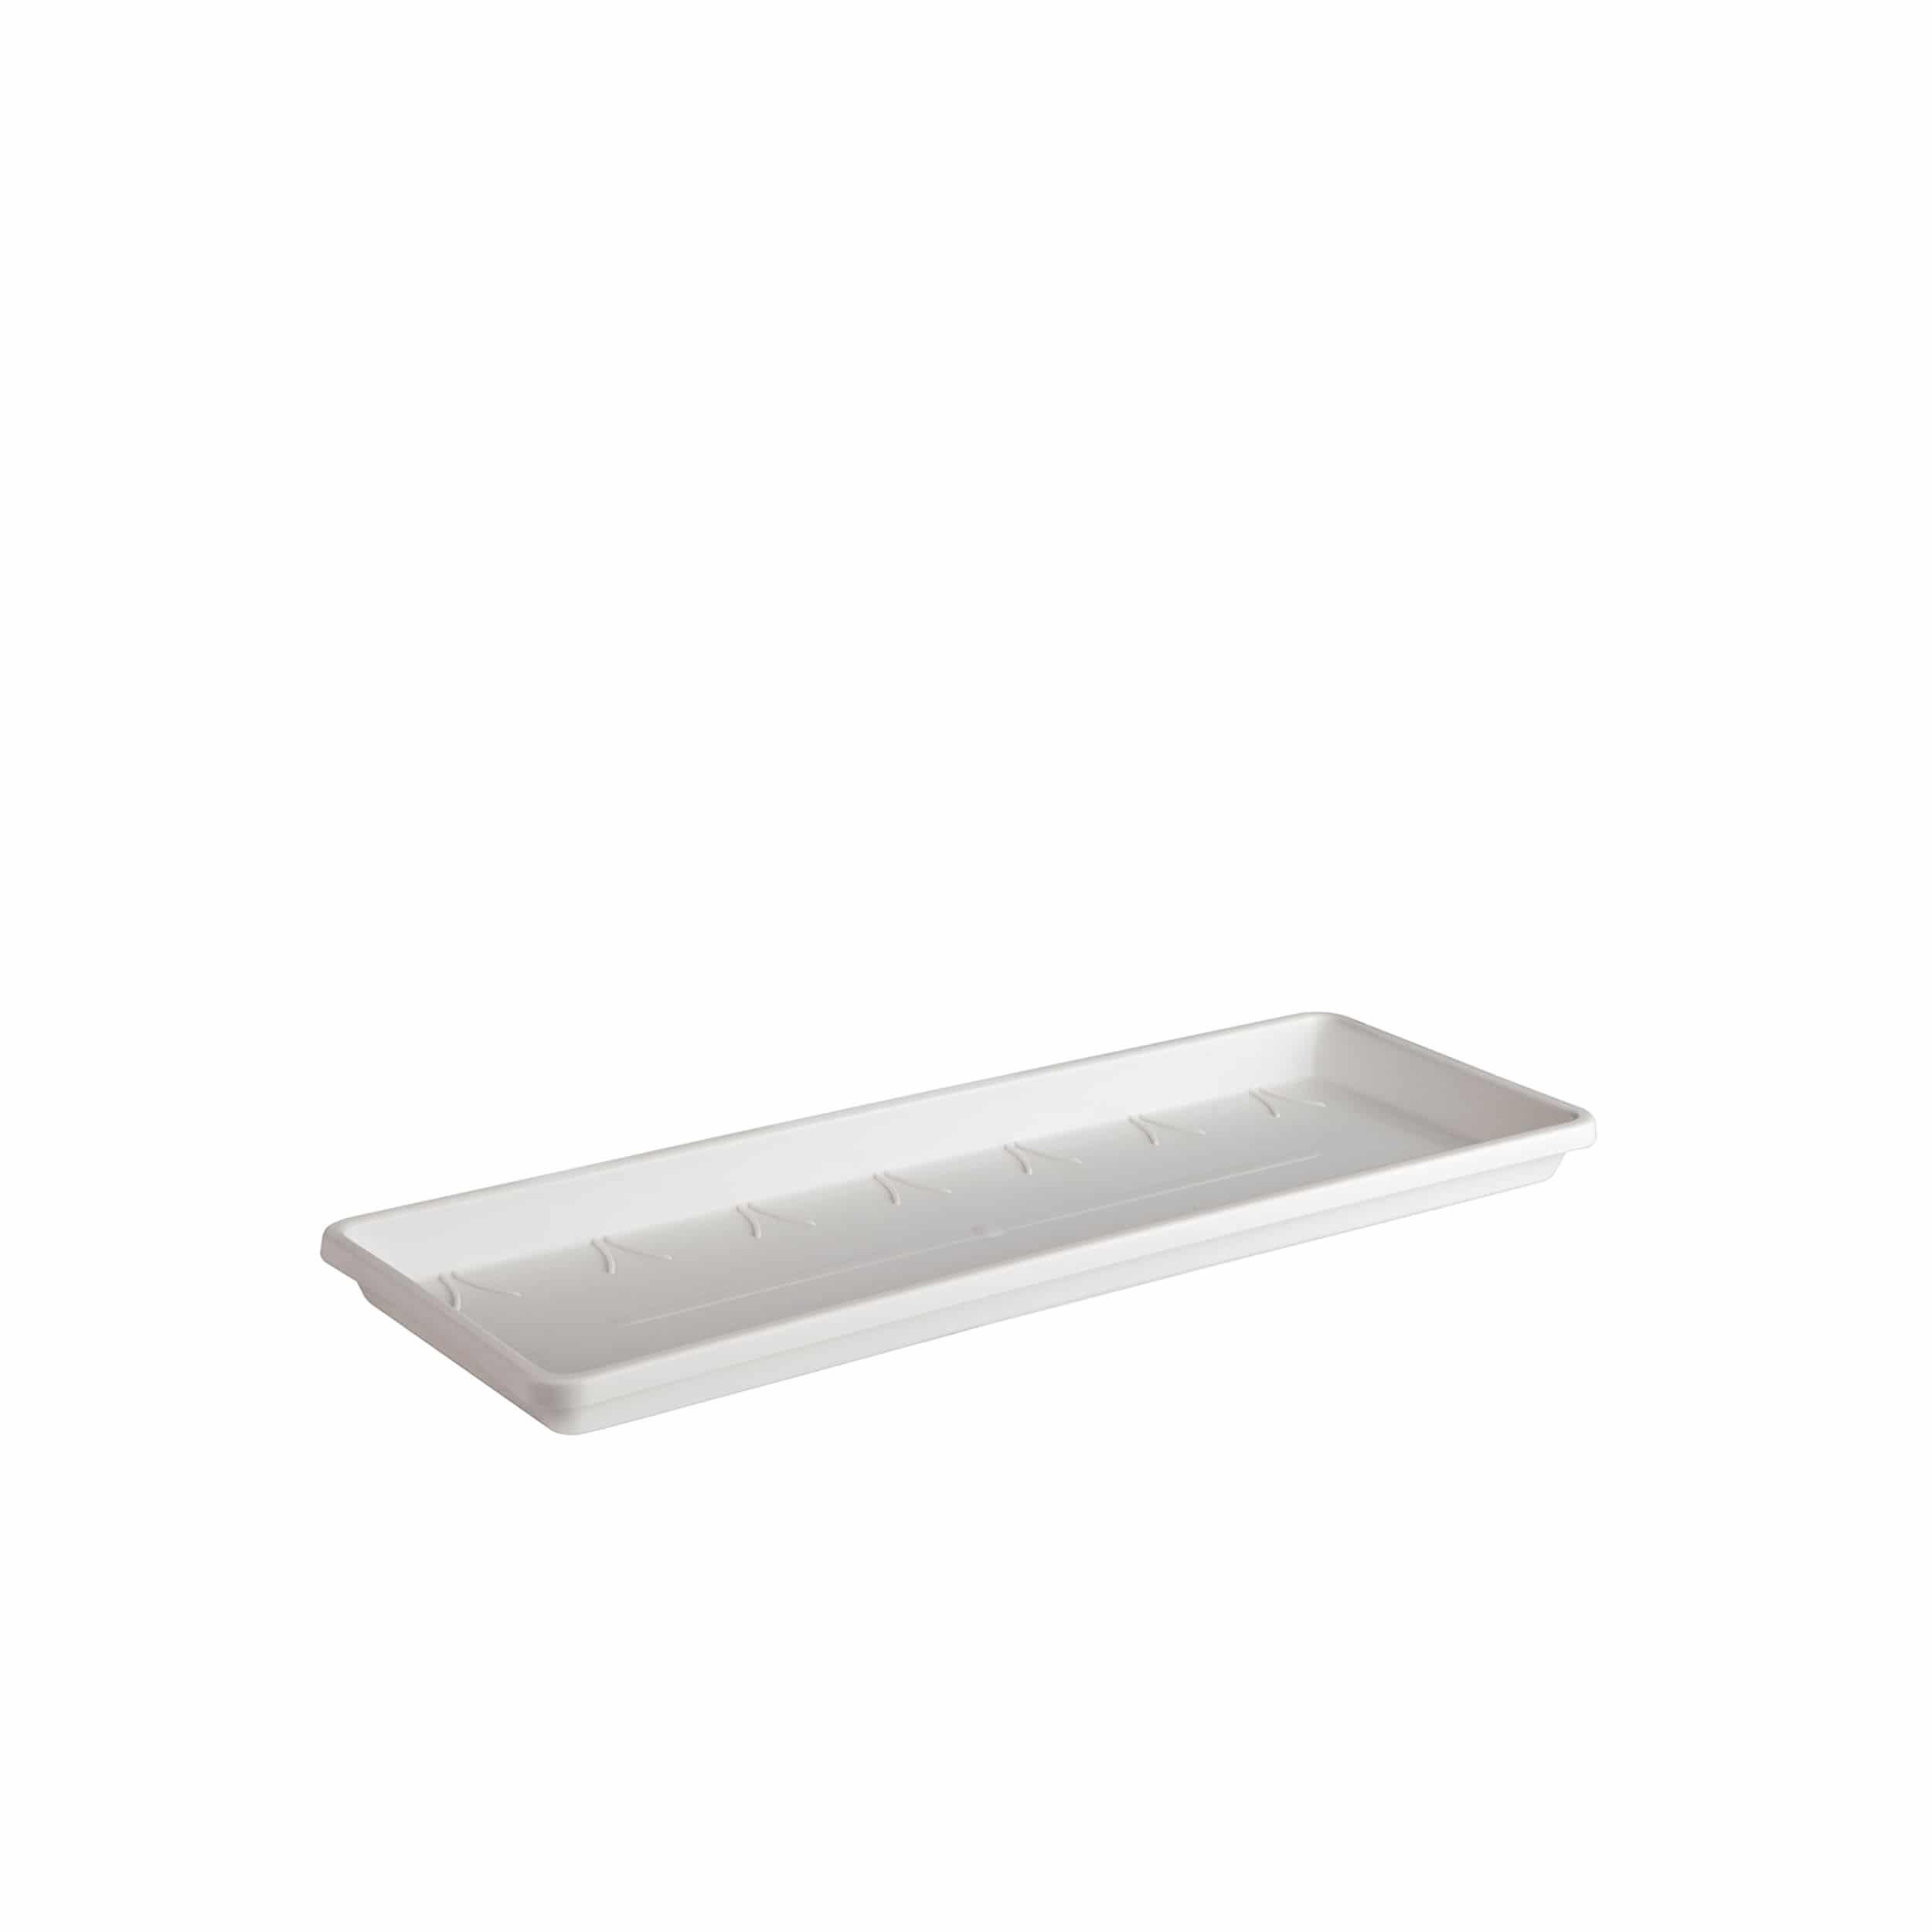 Balkonkastenuntersetzer Barcelona L40 cm weiß